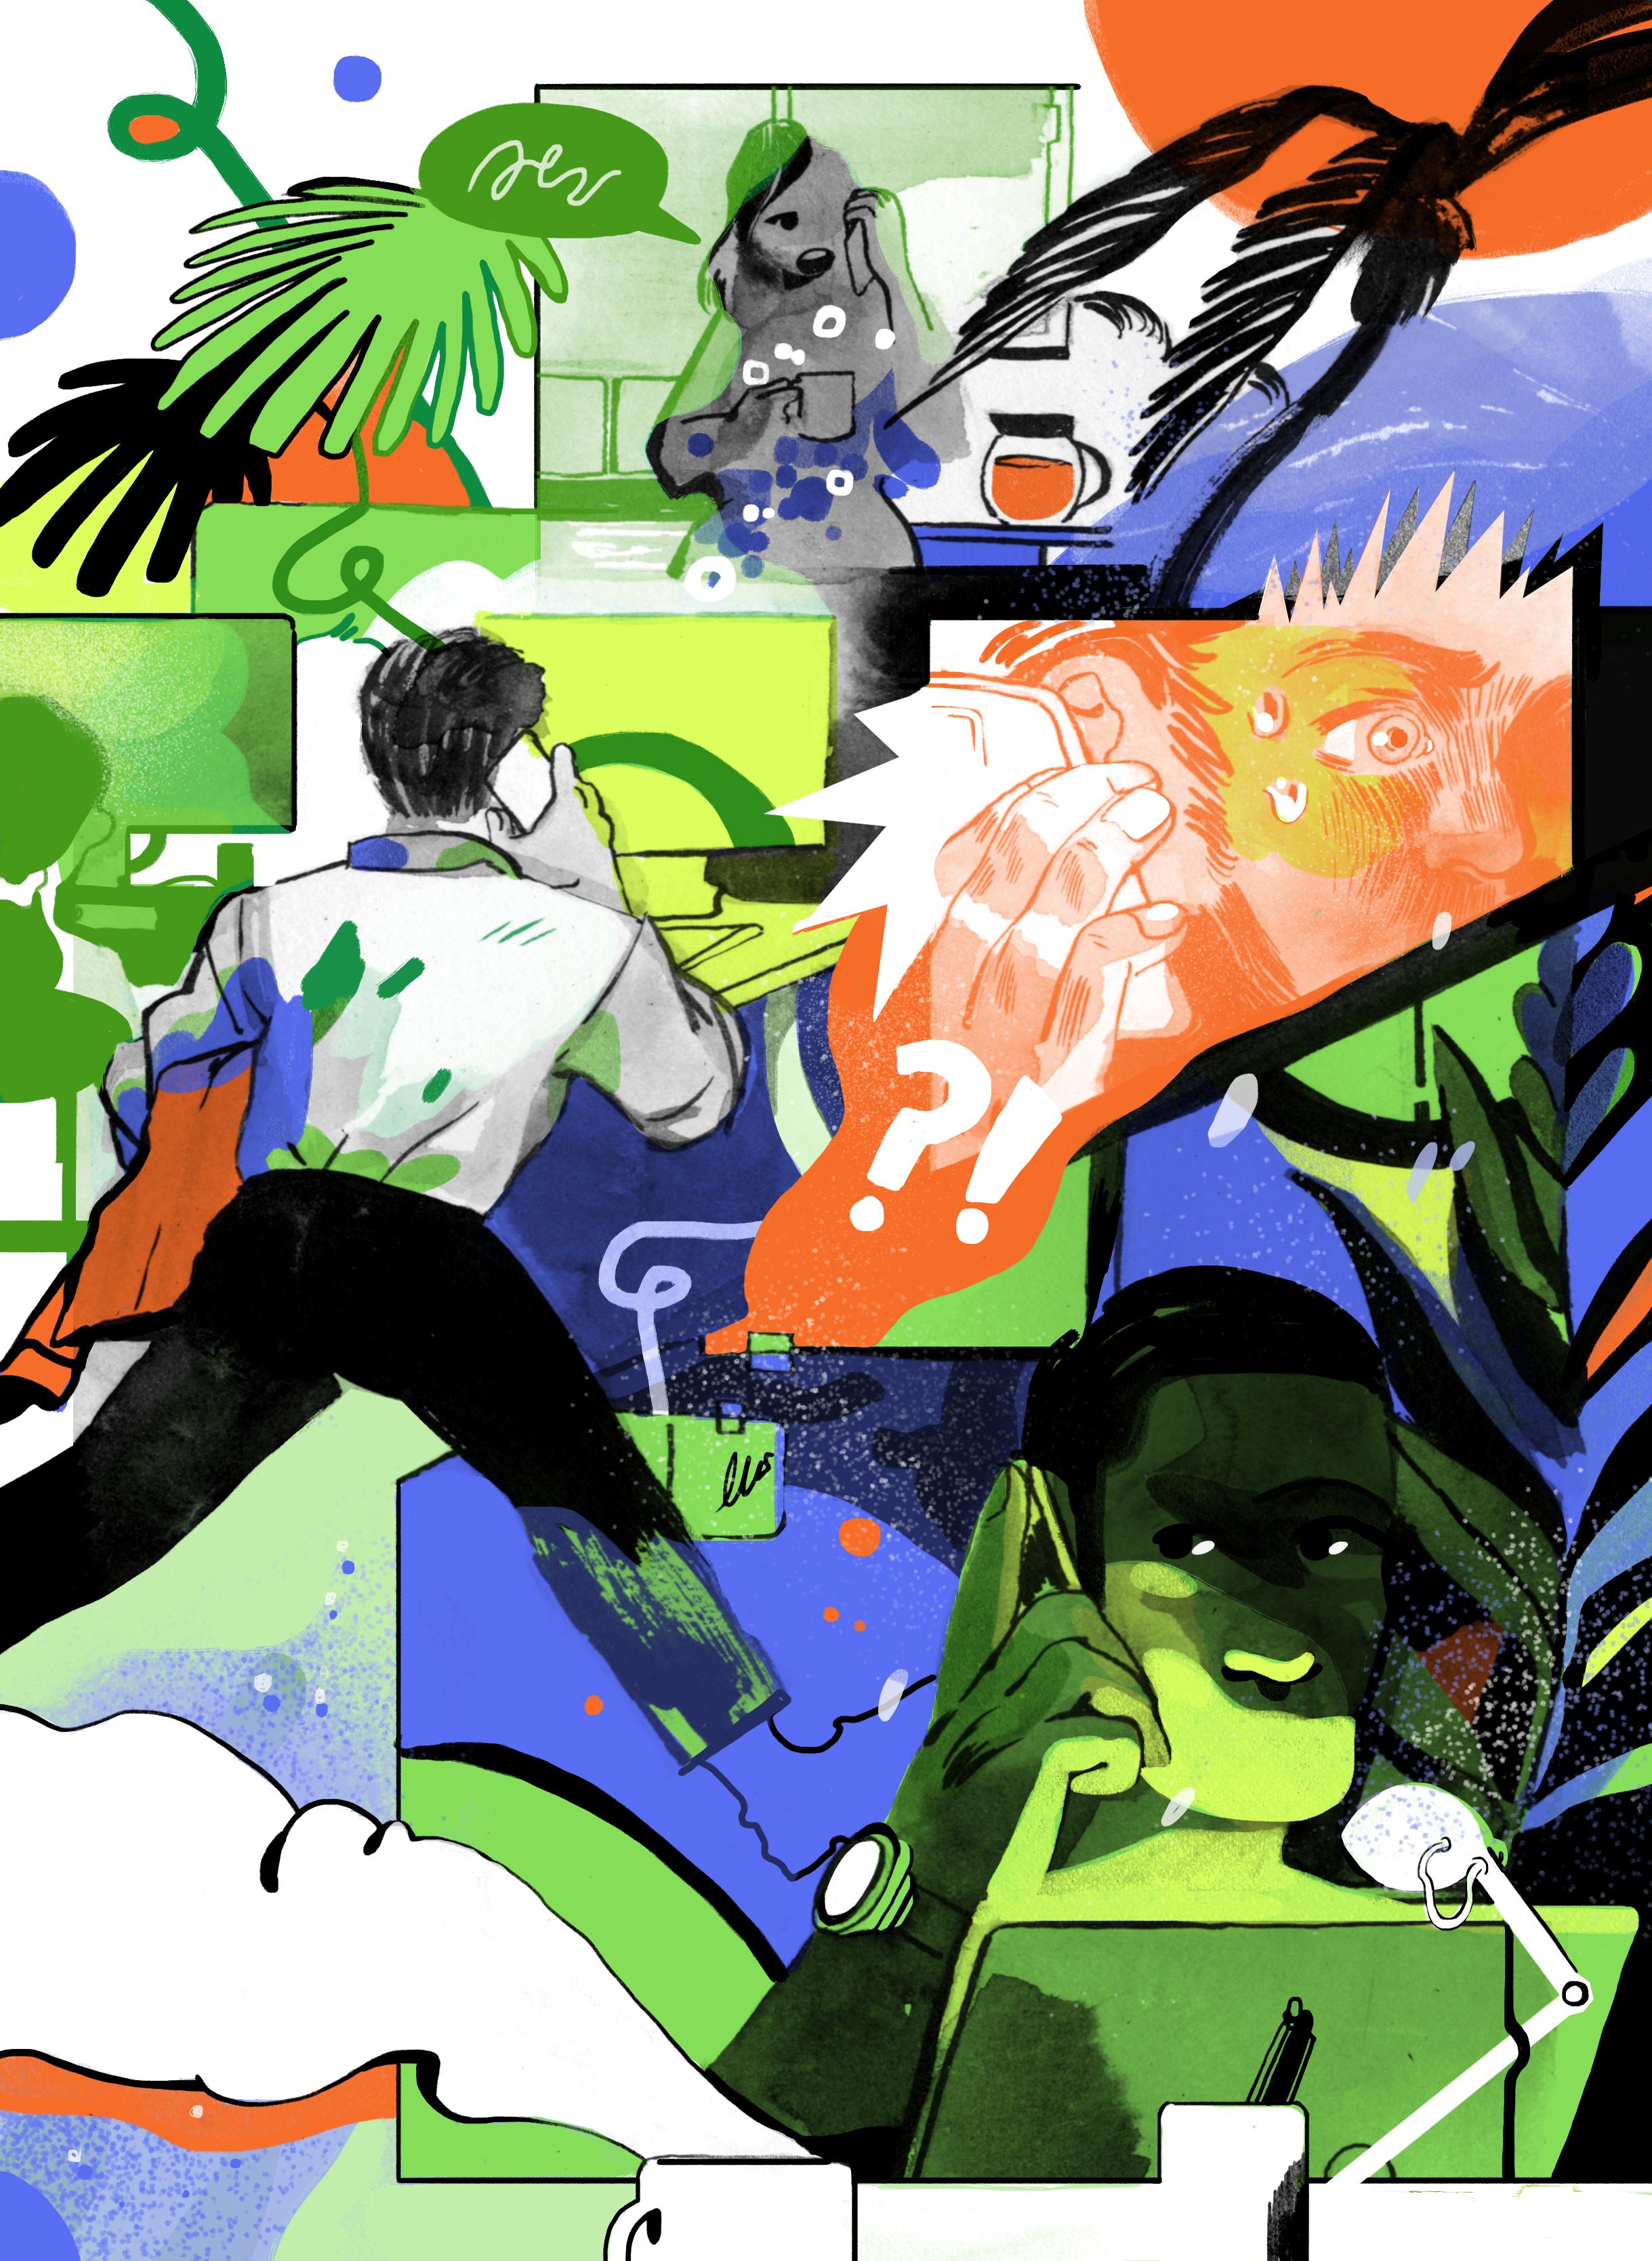 Comic_001.jpg